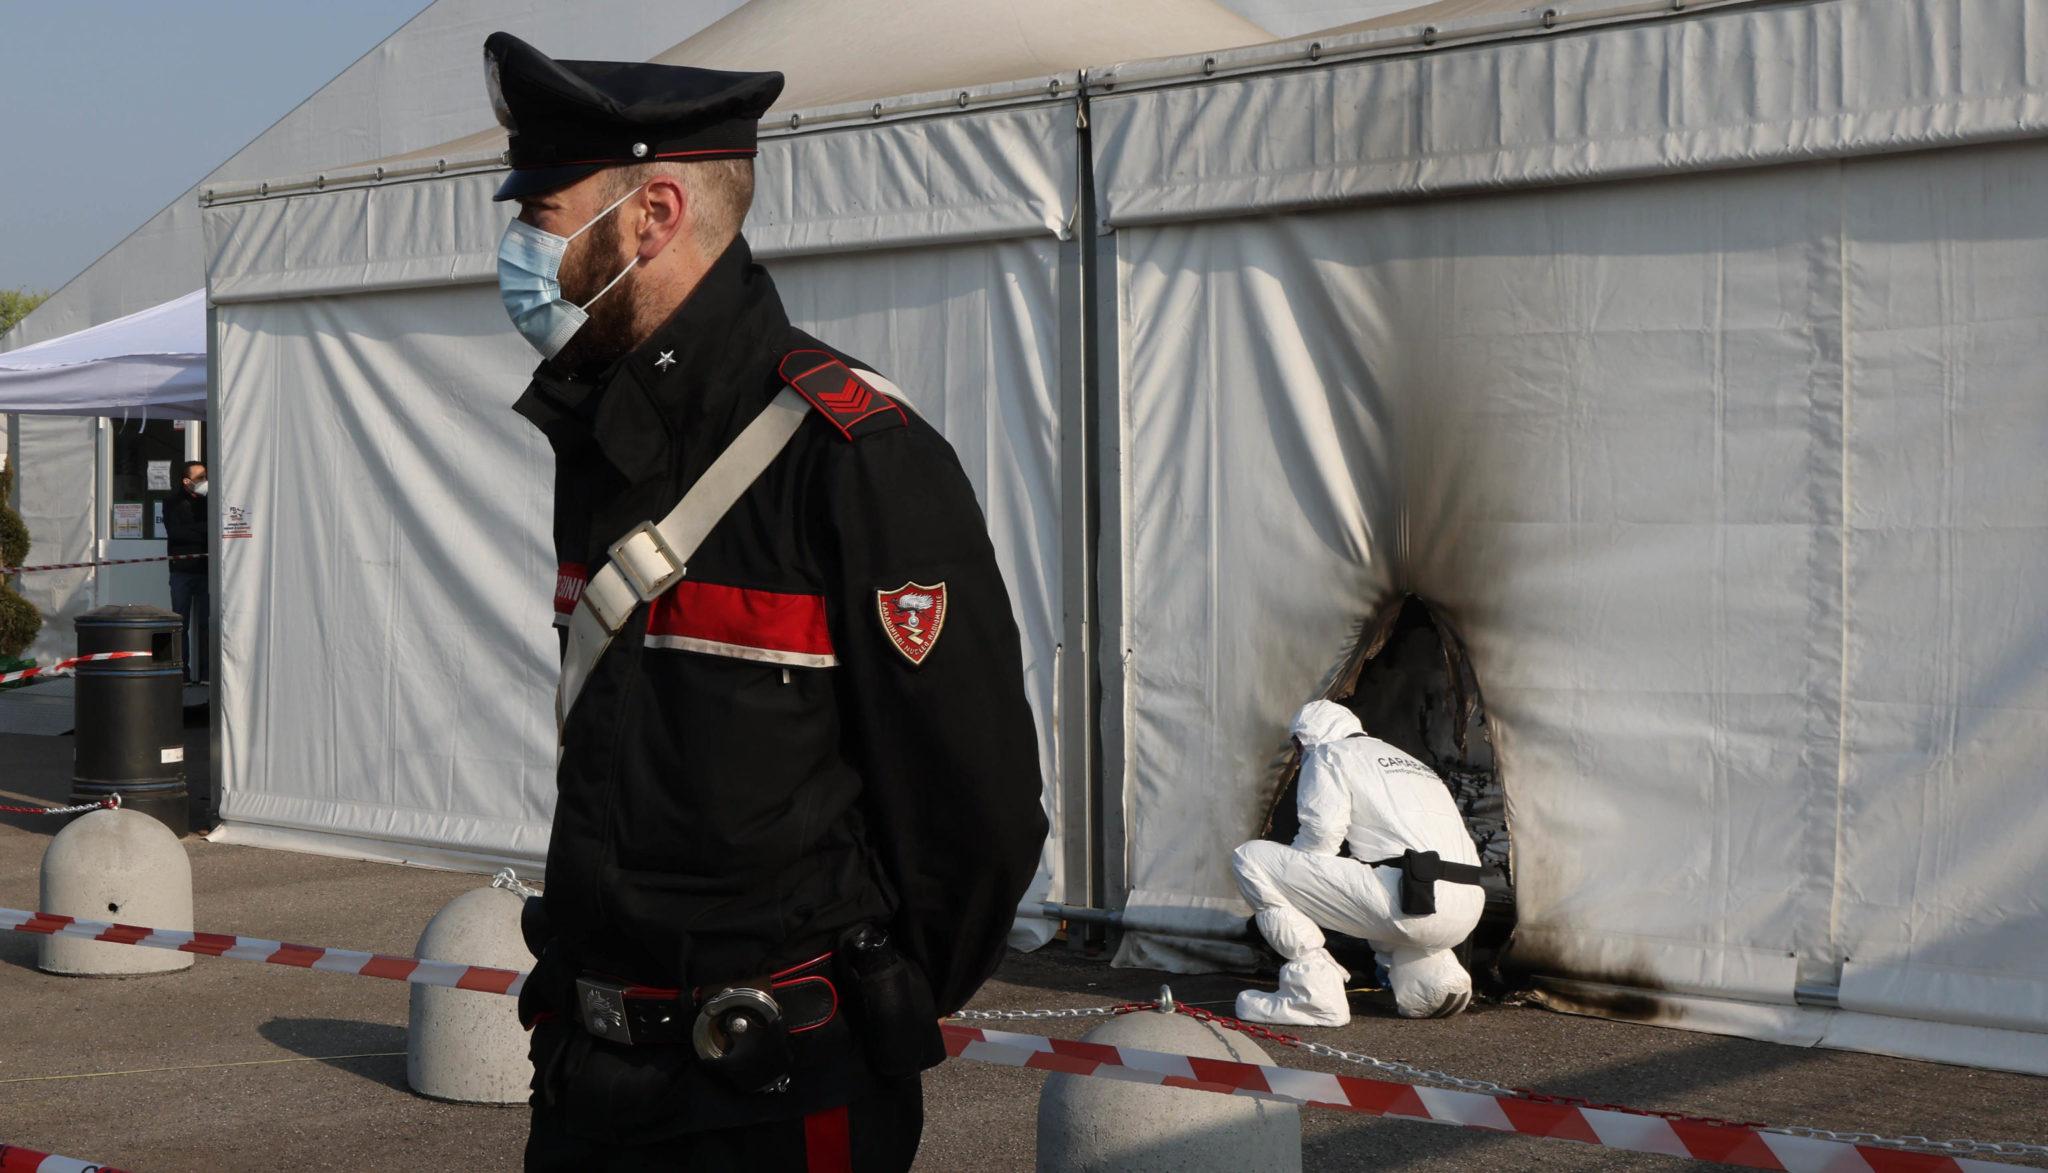 В Италии поймали двух антиваксеров, которые подожгли пункт для прививок